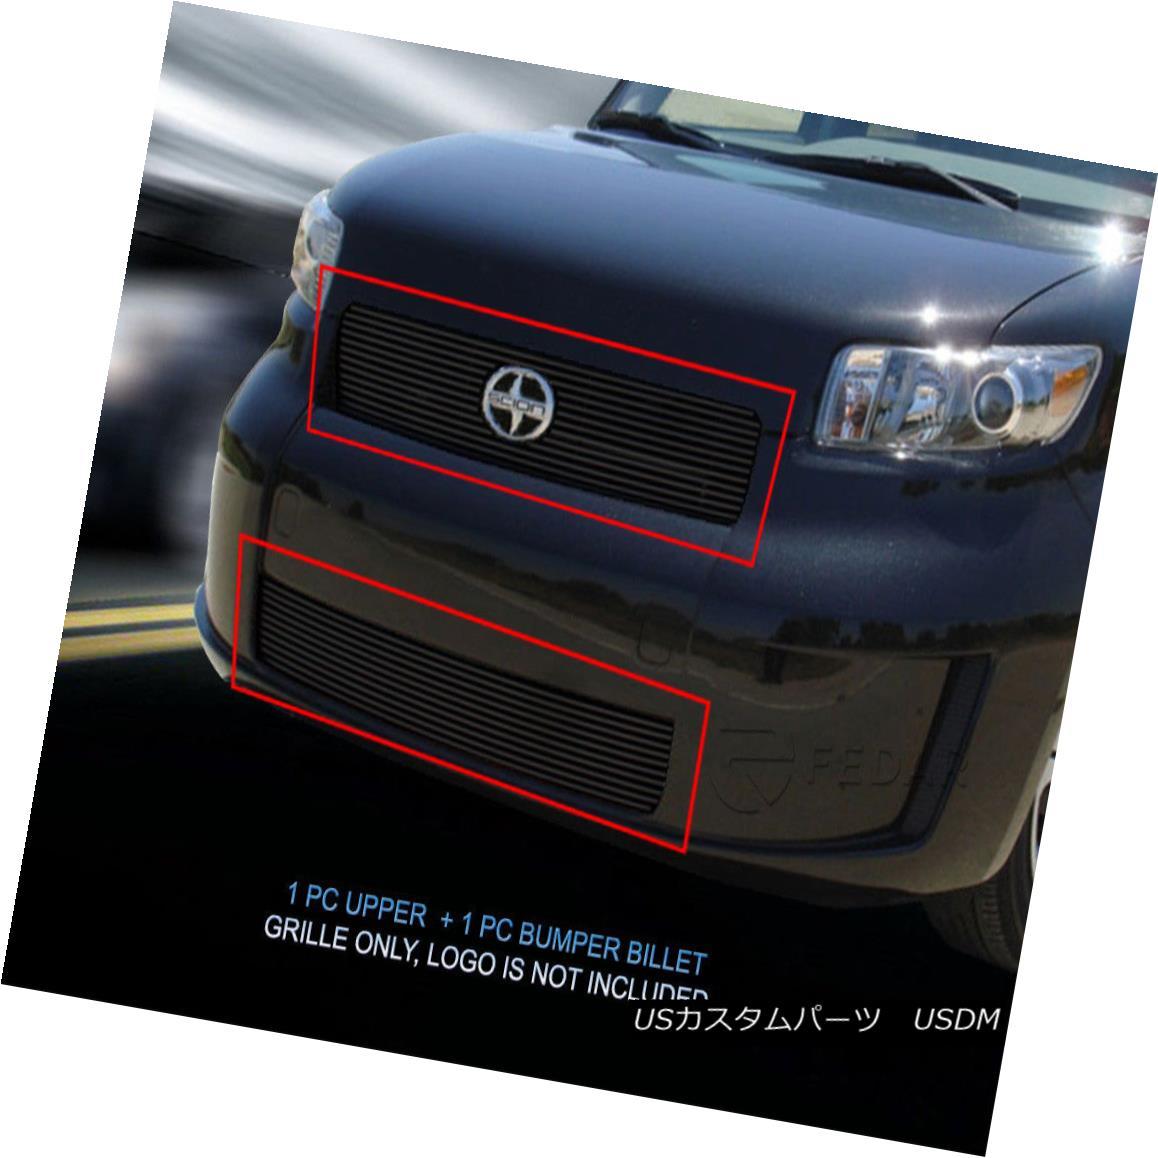 グリル Fits 2008-2010 Scion XB Black Bolt-On Billet Grille Combo Grill Insert Fedar フィット2008年?2010年シオンXBブラックボルトオンビレットグリルコンボグリルインサートFedar